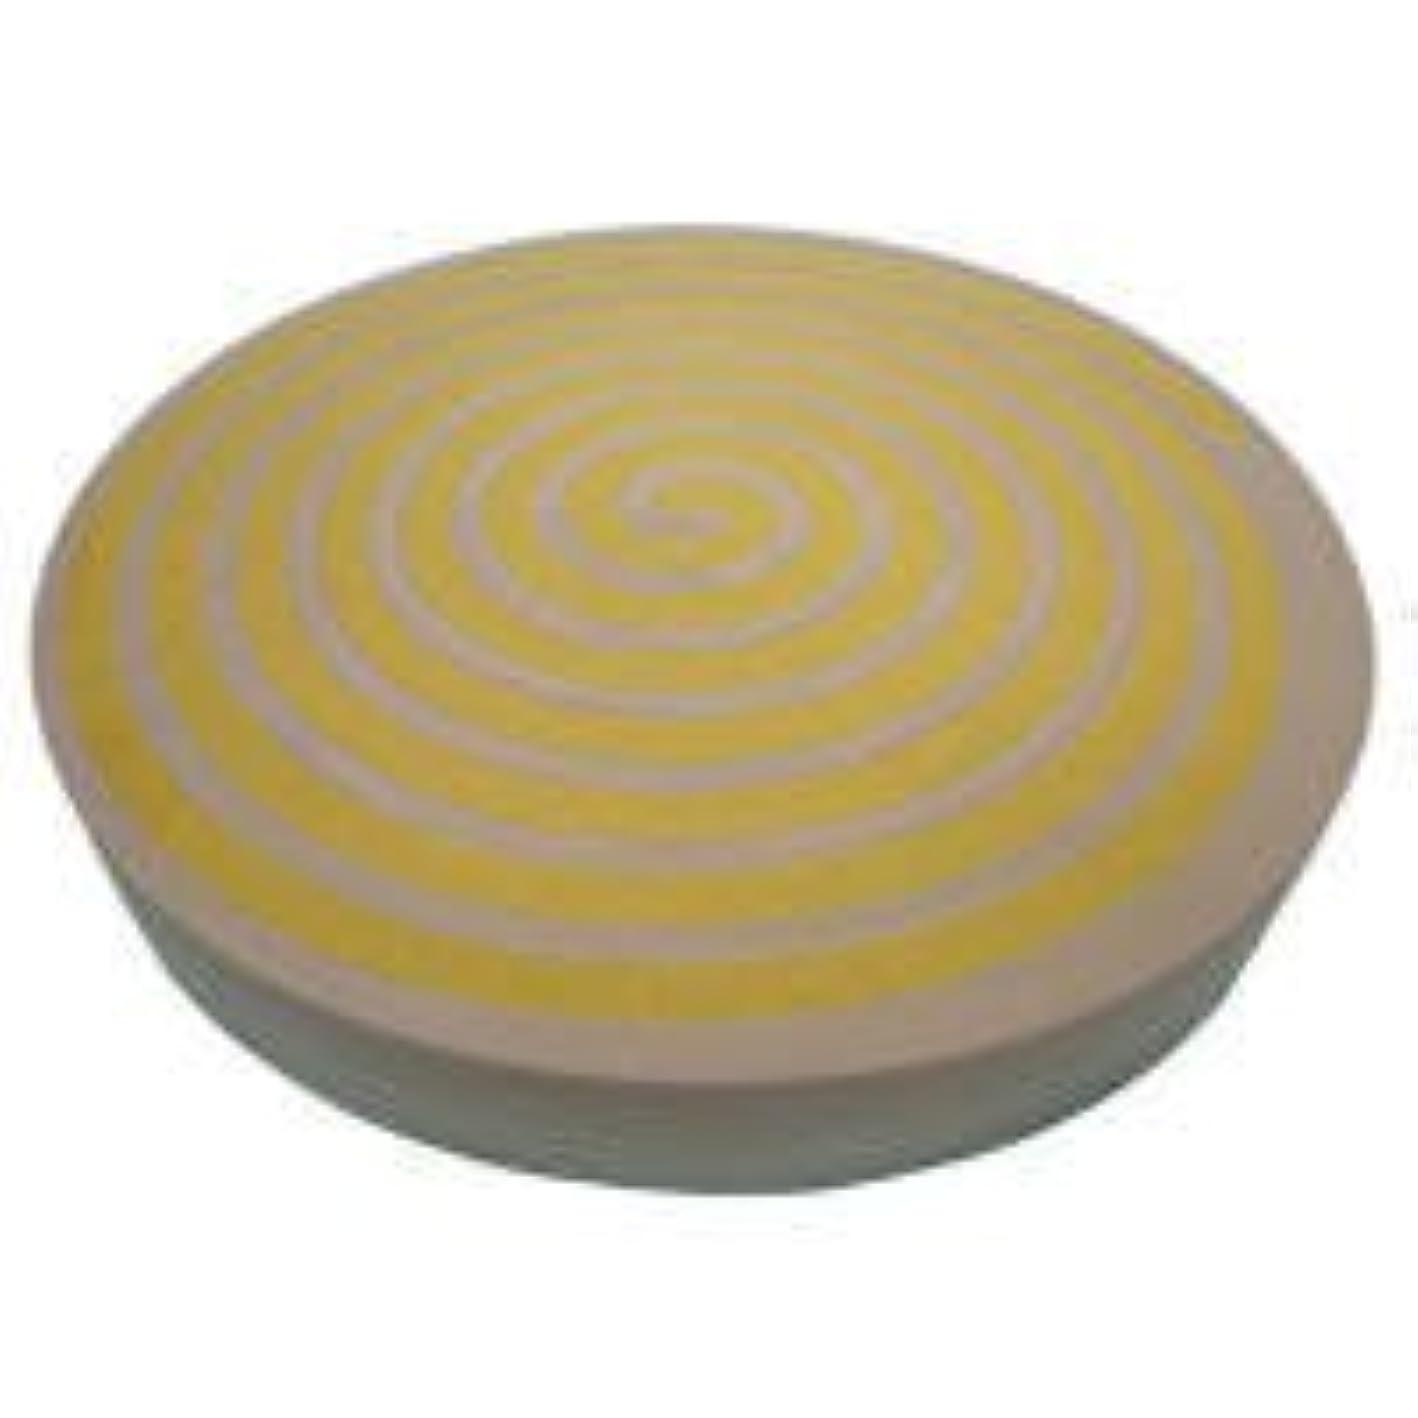 グラフィックアルファベット溶接Azenta Products 42706 ~ 6 Hour Spiral ~ 6 Hour Powder Incense Stone Burner by Azenta